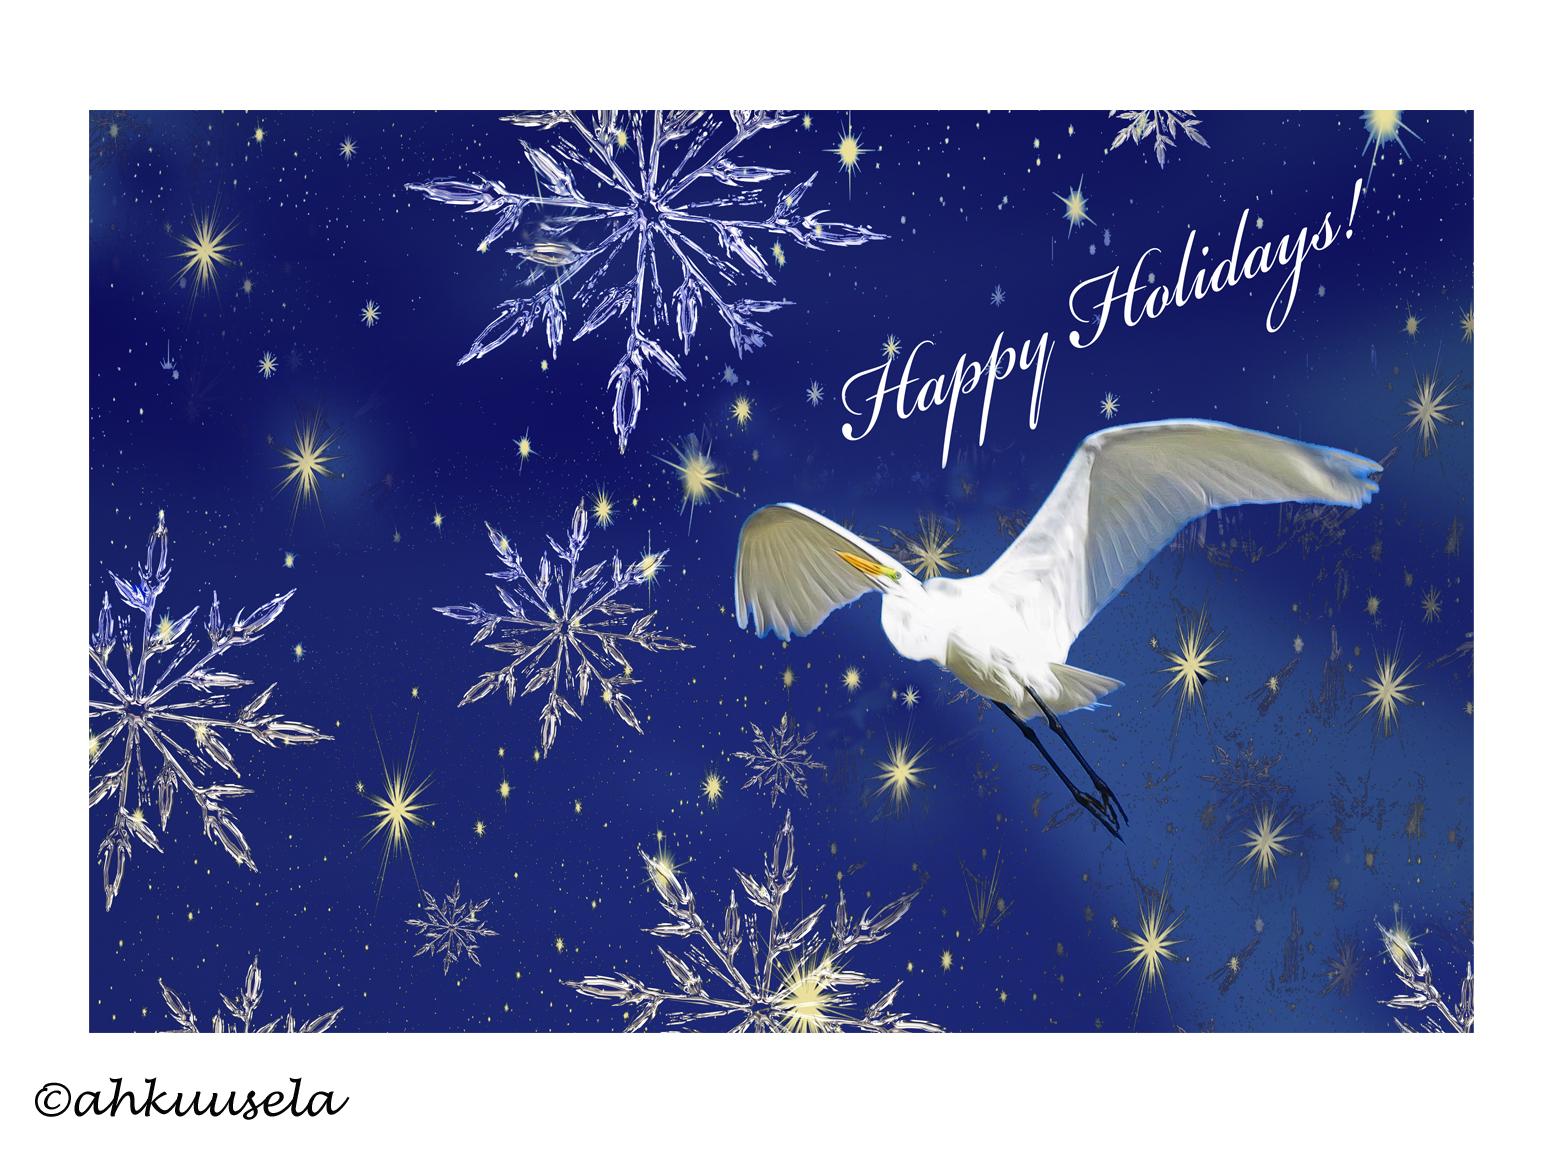 holiday-greeting-card